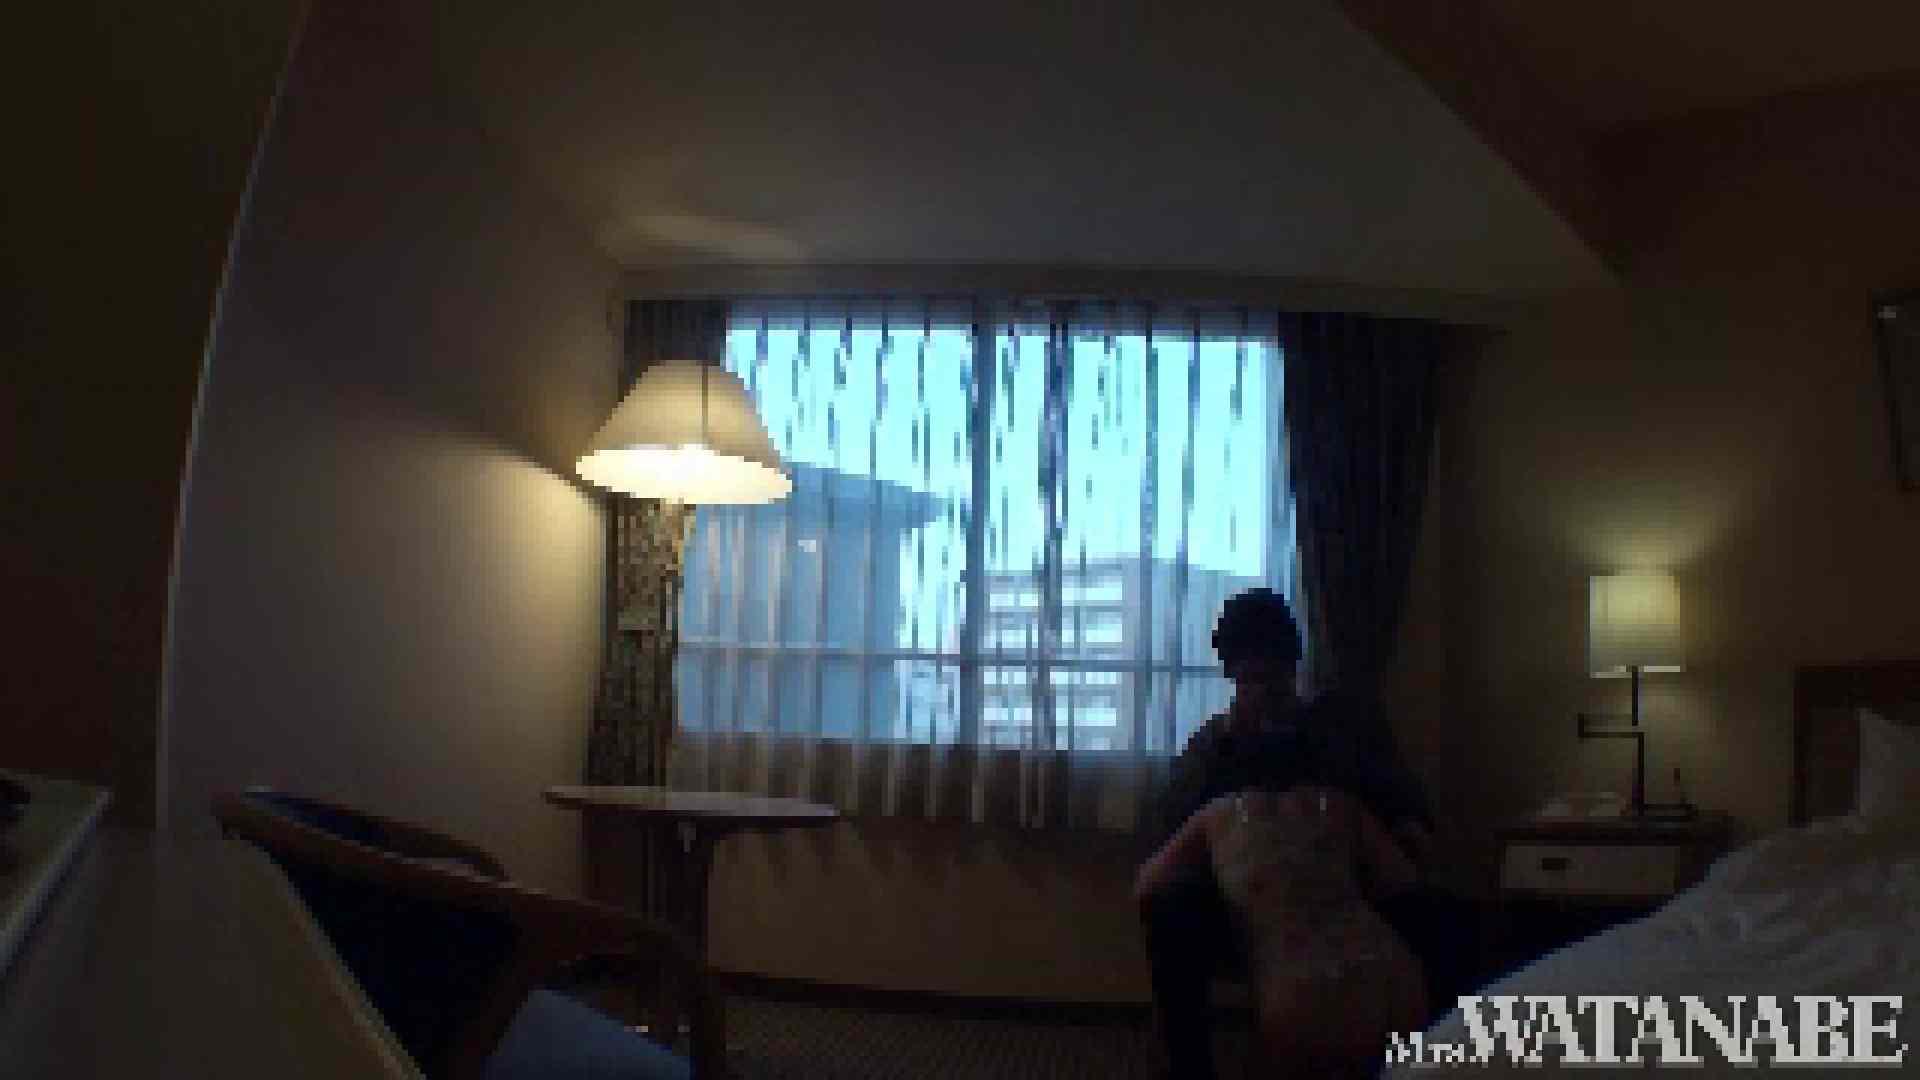 撮影スタッフを誘惑する痴熟女 かおり40歳 Vol.03 熟女  16pic 3